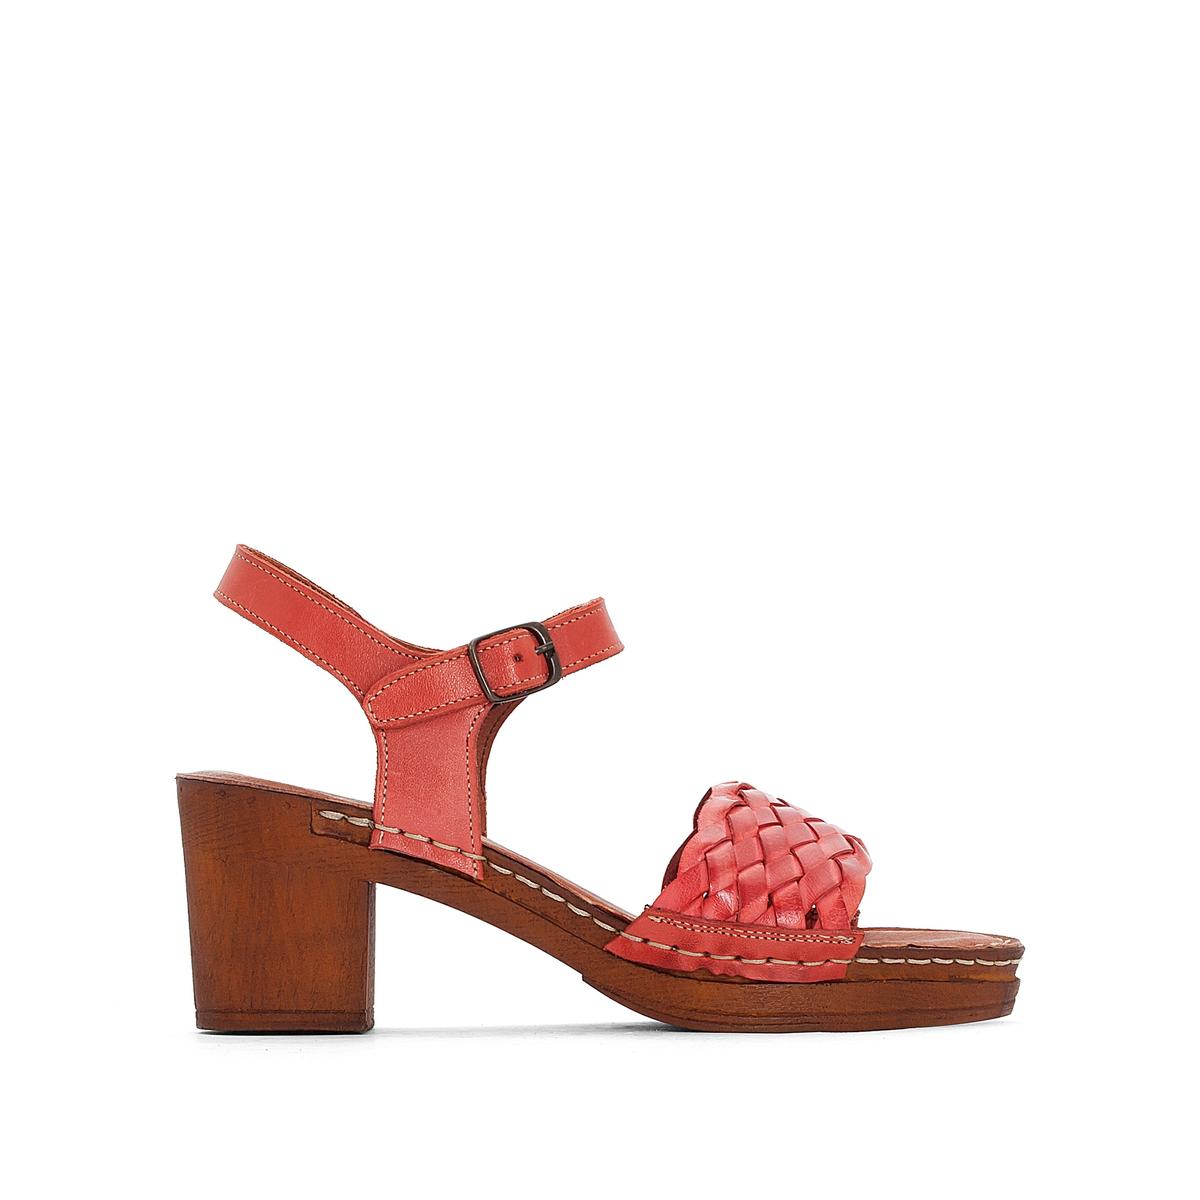 Босоножки кожаные на каблуке TRESSIE